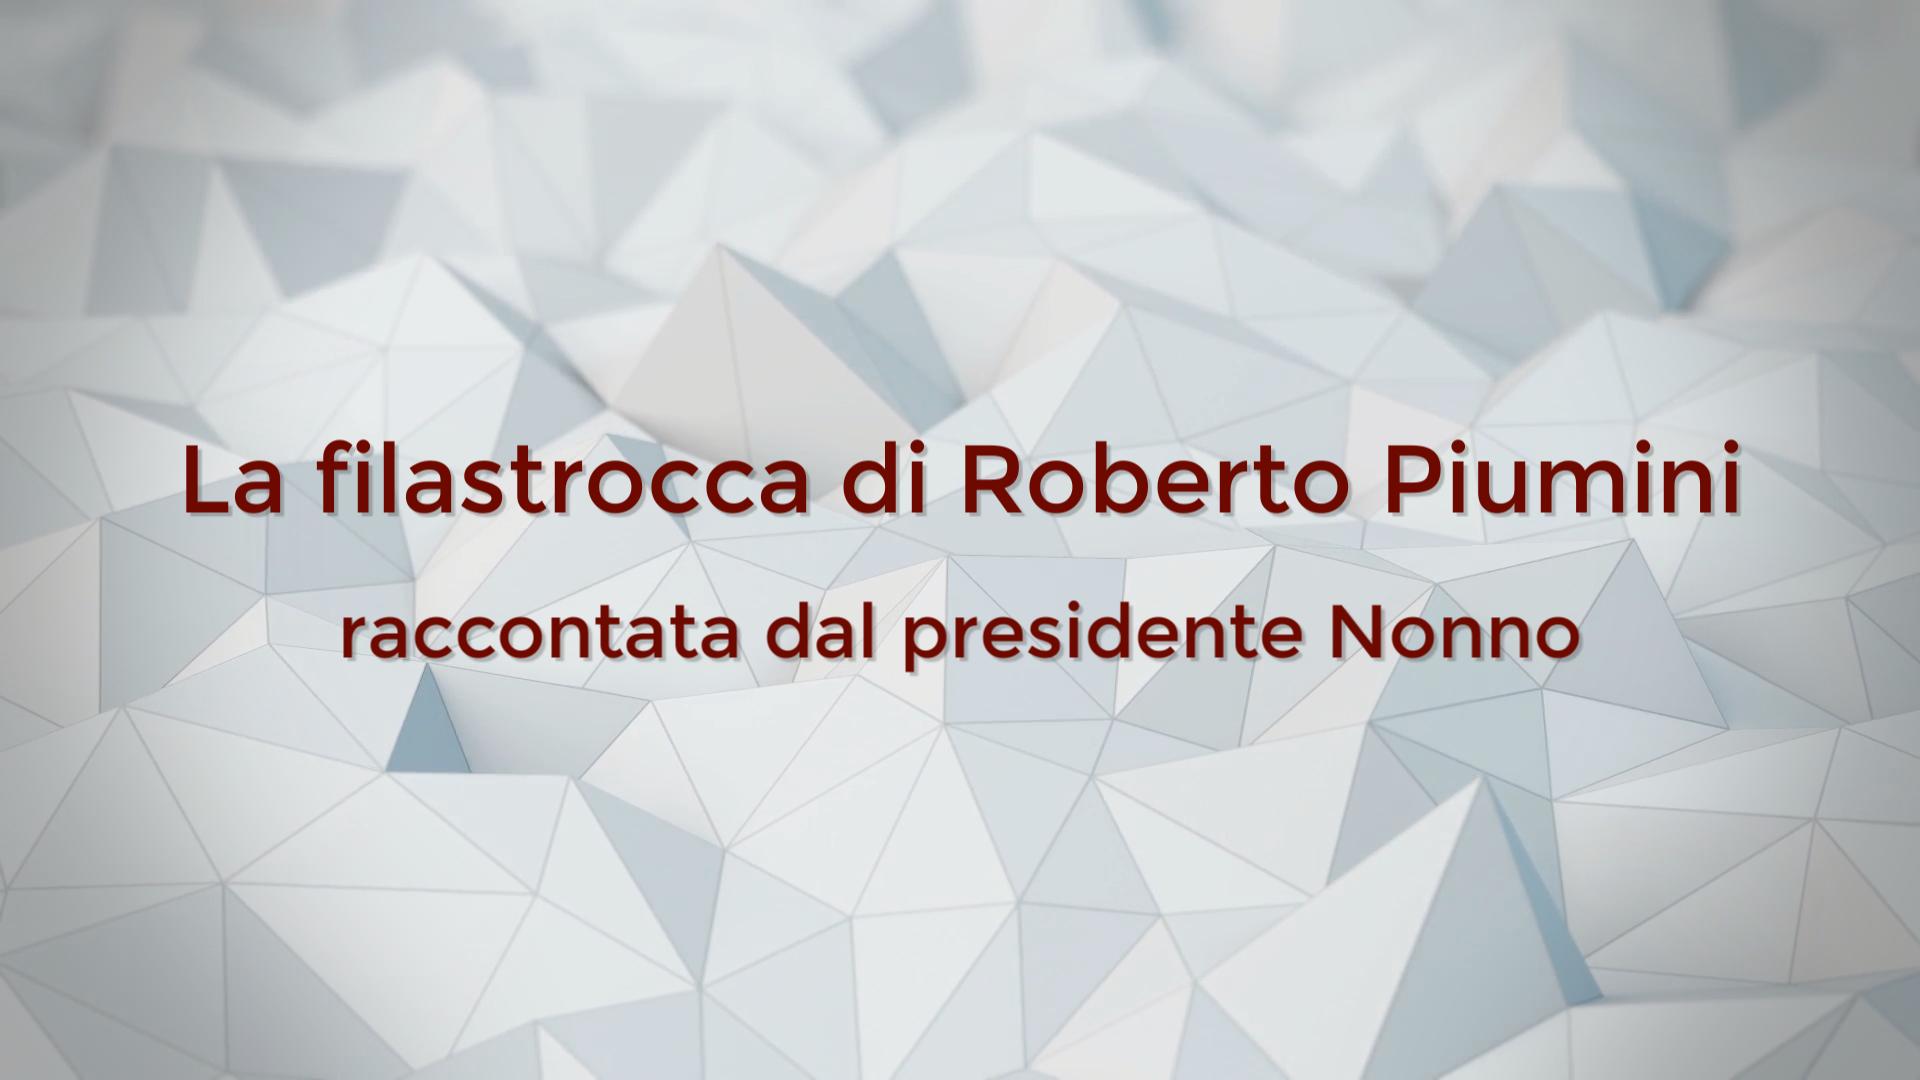 """Il Presidente Nonno racconta ai più piccoli: """"la filastrocca del Virus con la corona"""" di  Roberto Piumini"""